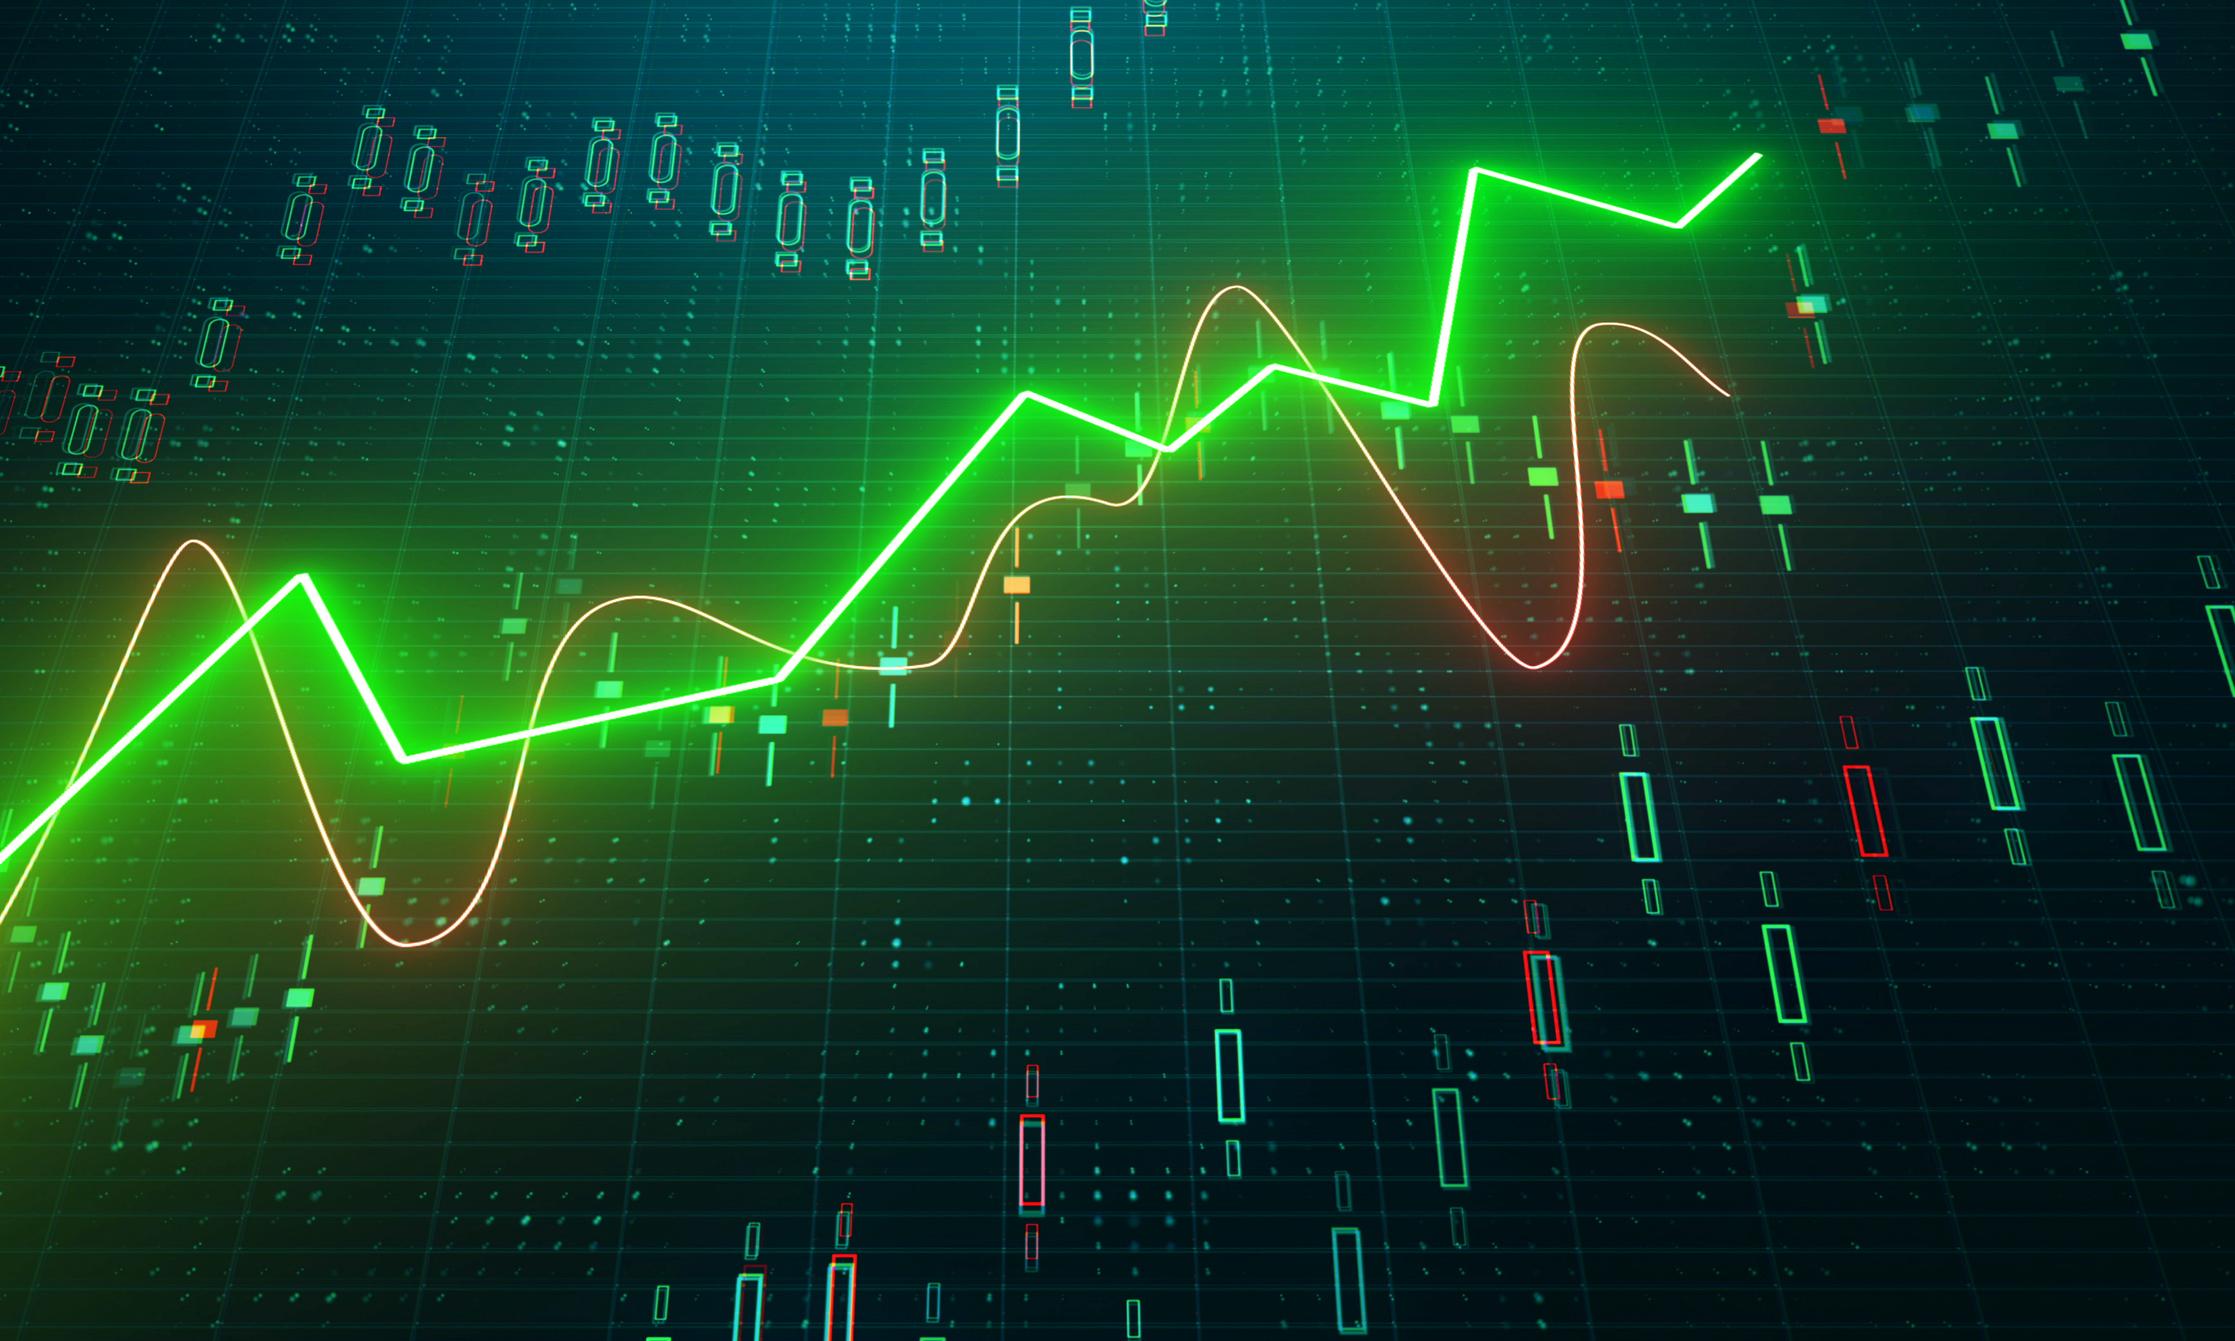 Why Nvidia Stock Popped Today